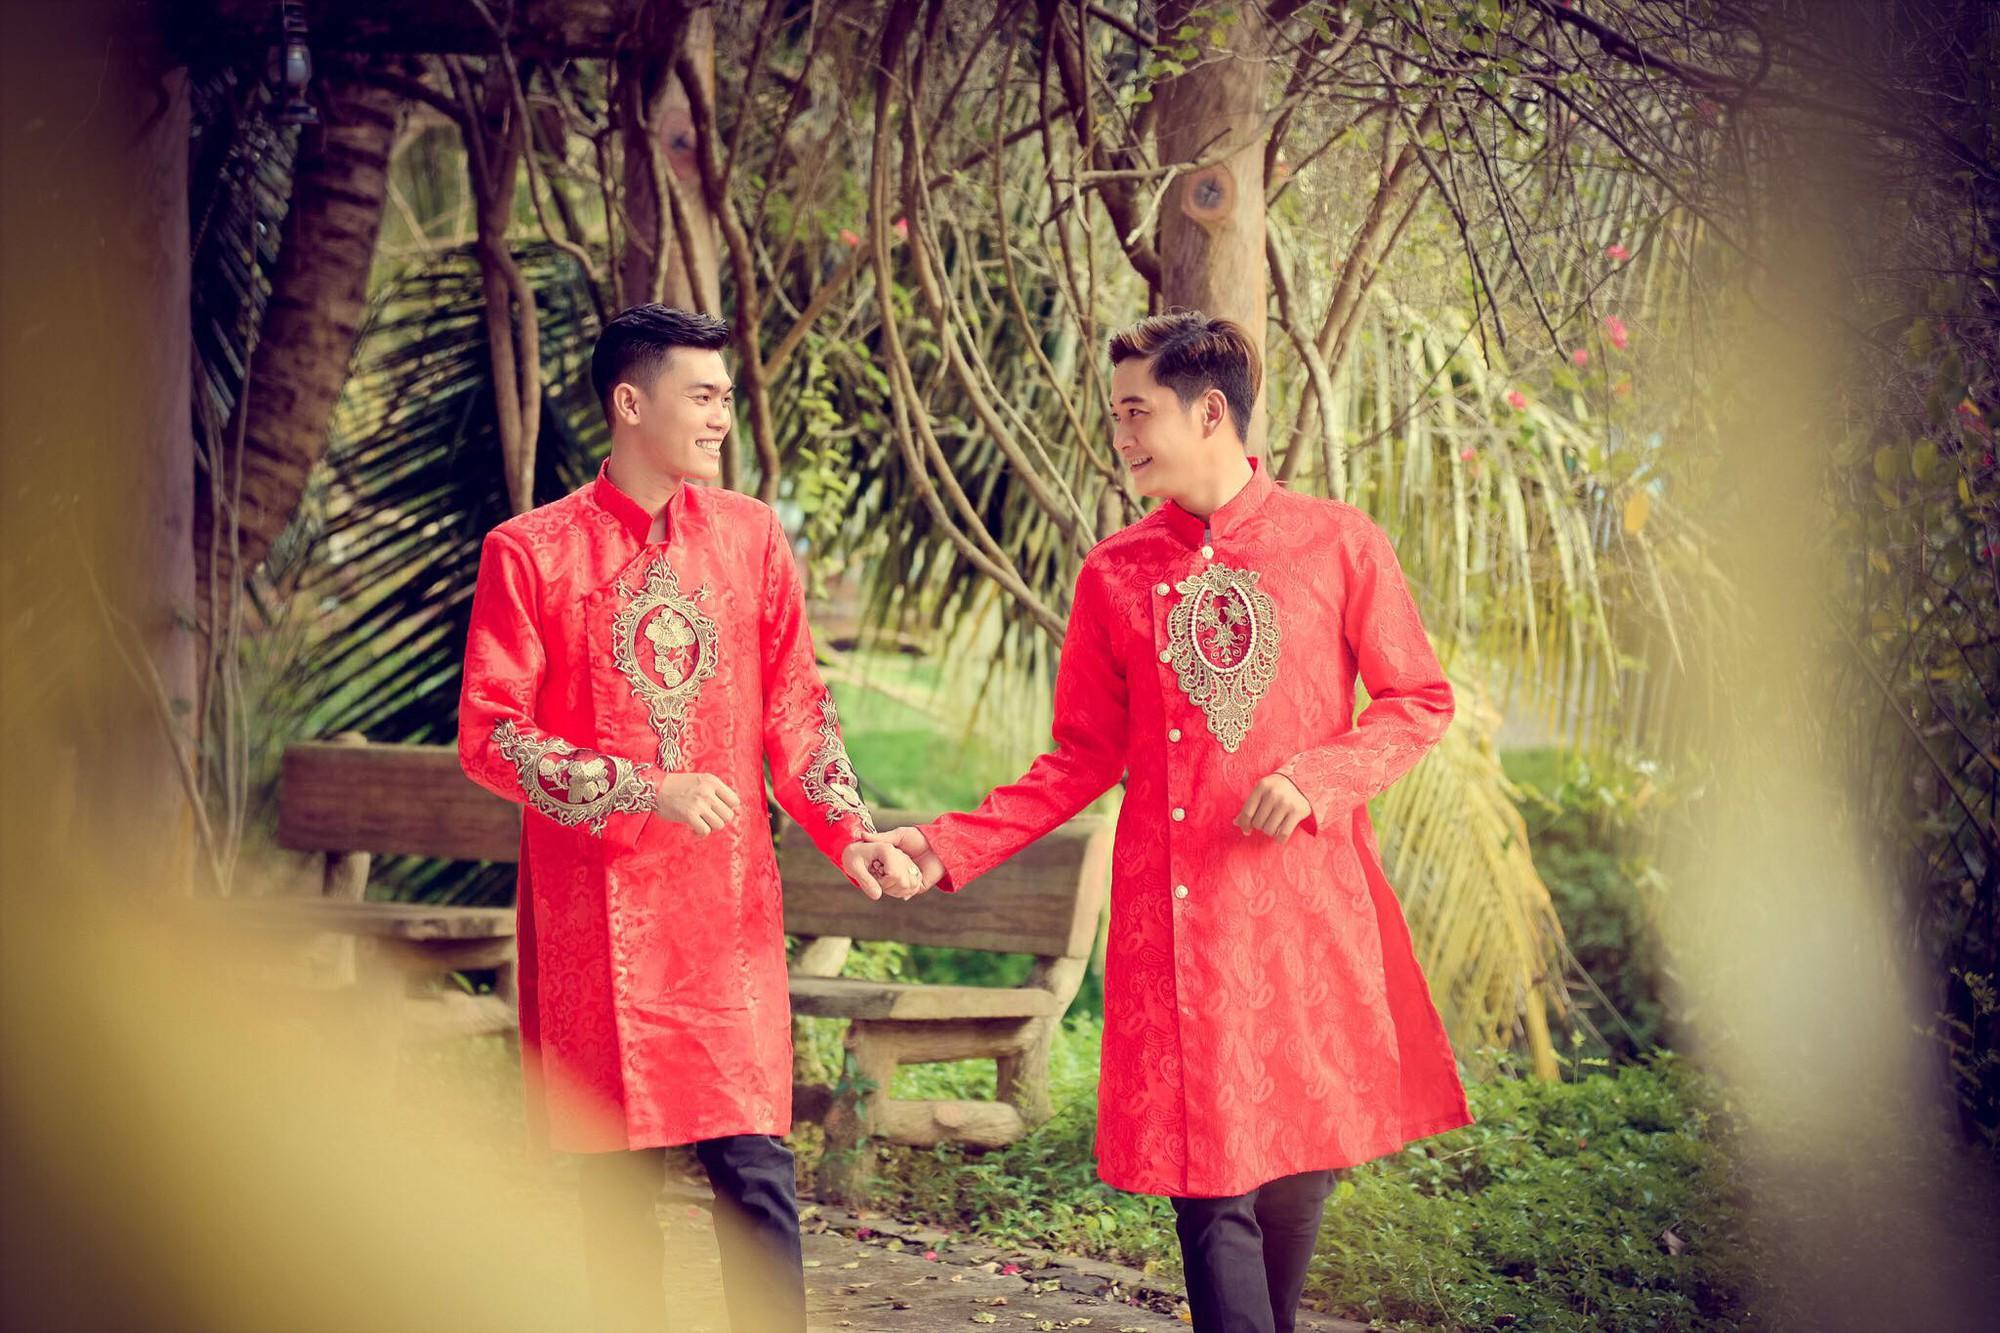 Đám cưới của cặp đồng tính điển trai gây xôn xao mạng xã hội: Chưa bao giờ vì sự phản đối của mọi người mà nản lòng - Ảnh 7.